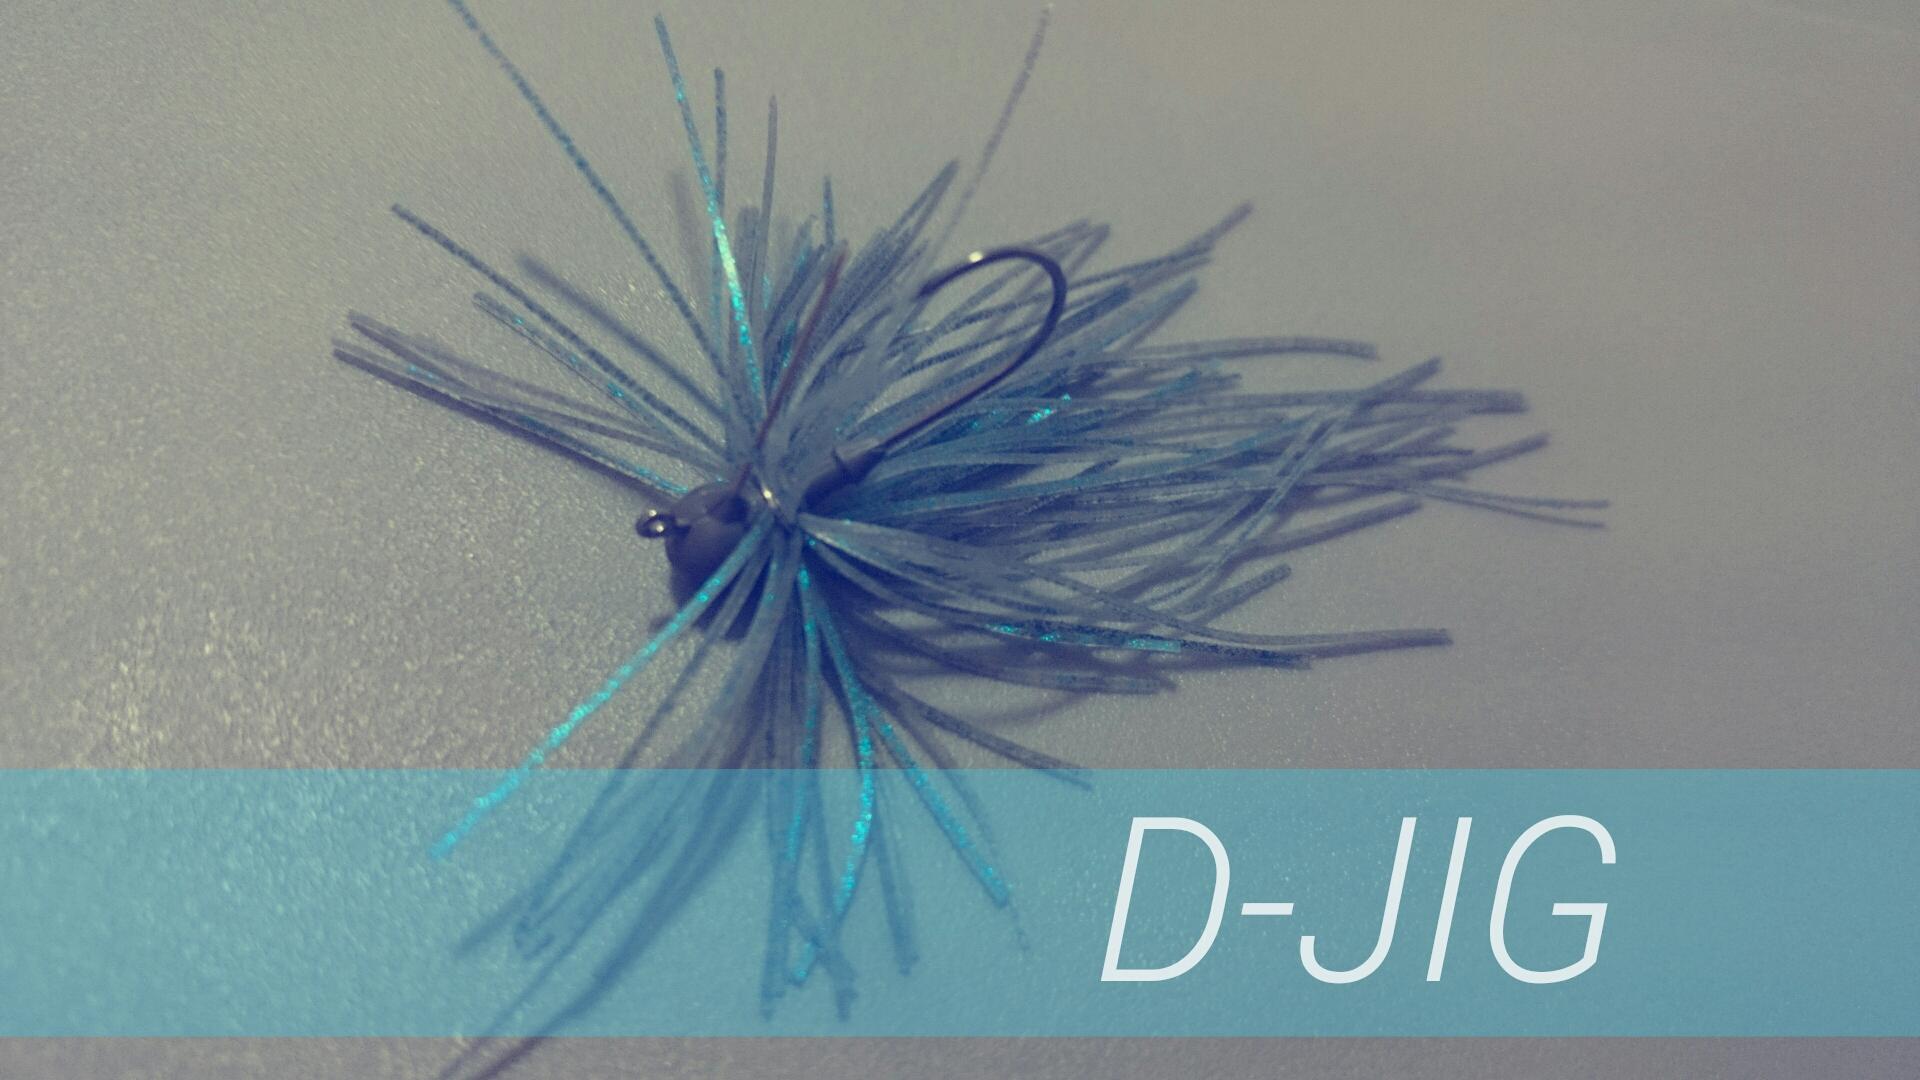 【DSTYLE】Dジグというスタンダード。ジャパンスモラバの基本形。